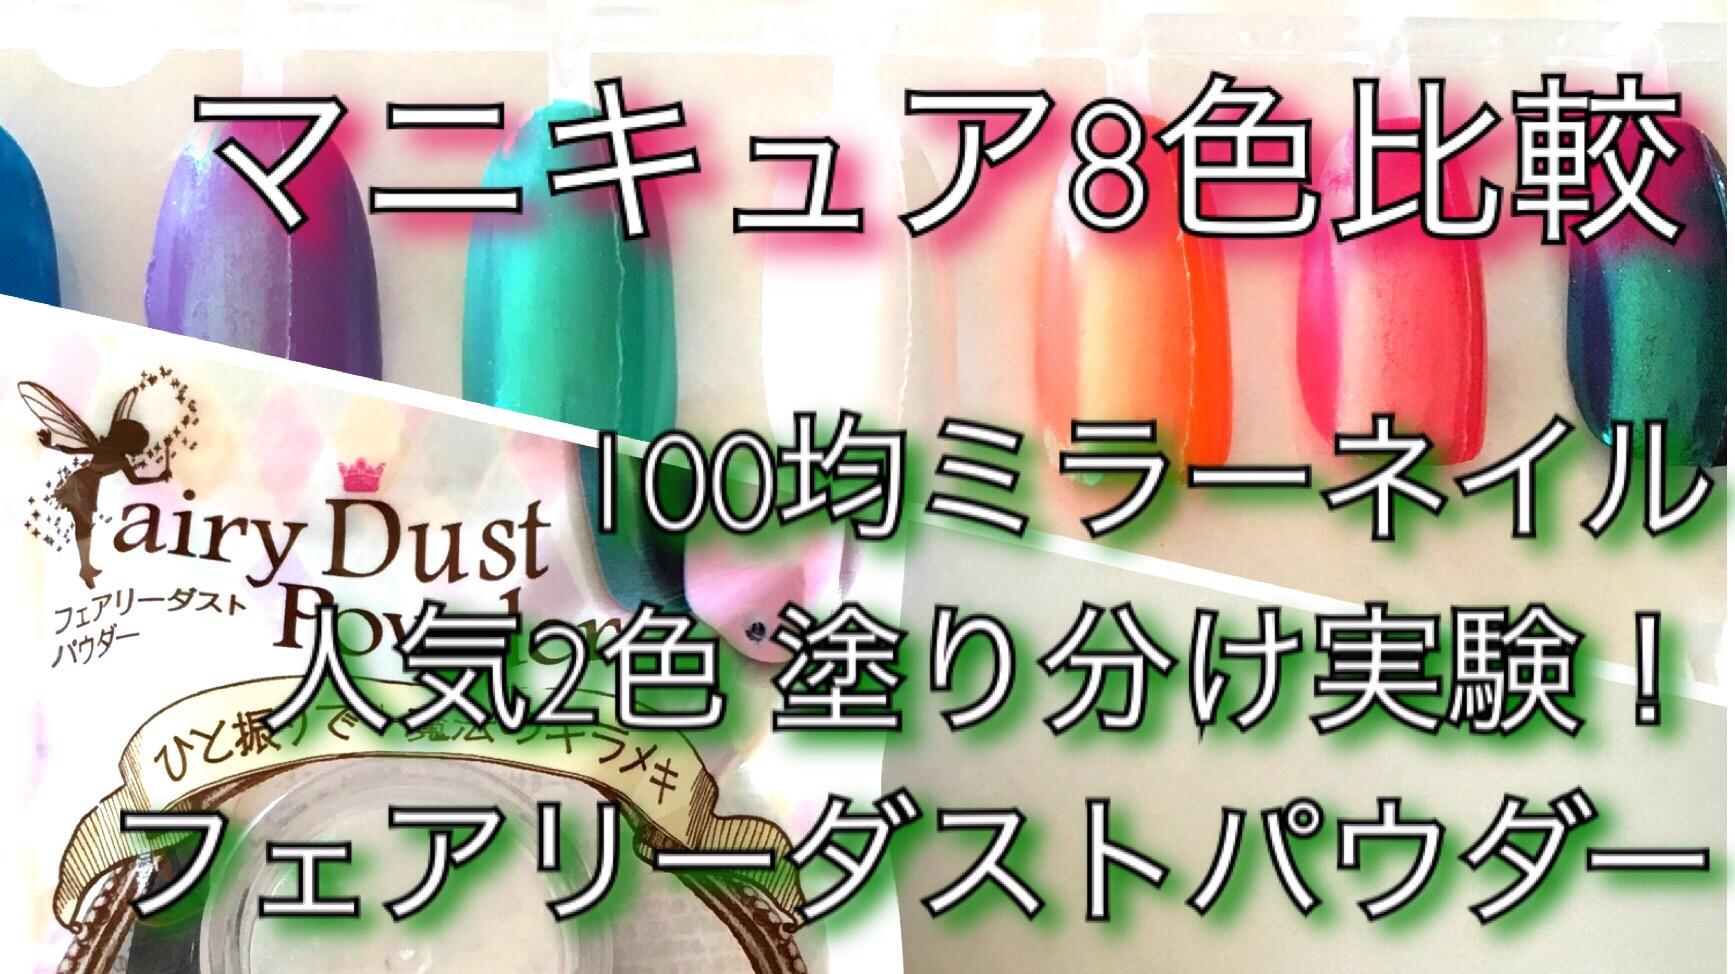 人気2色【マニキュア8色比較】100均ミラーネイル!フェアリーダストパウダー